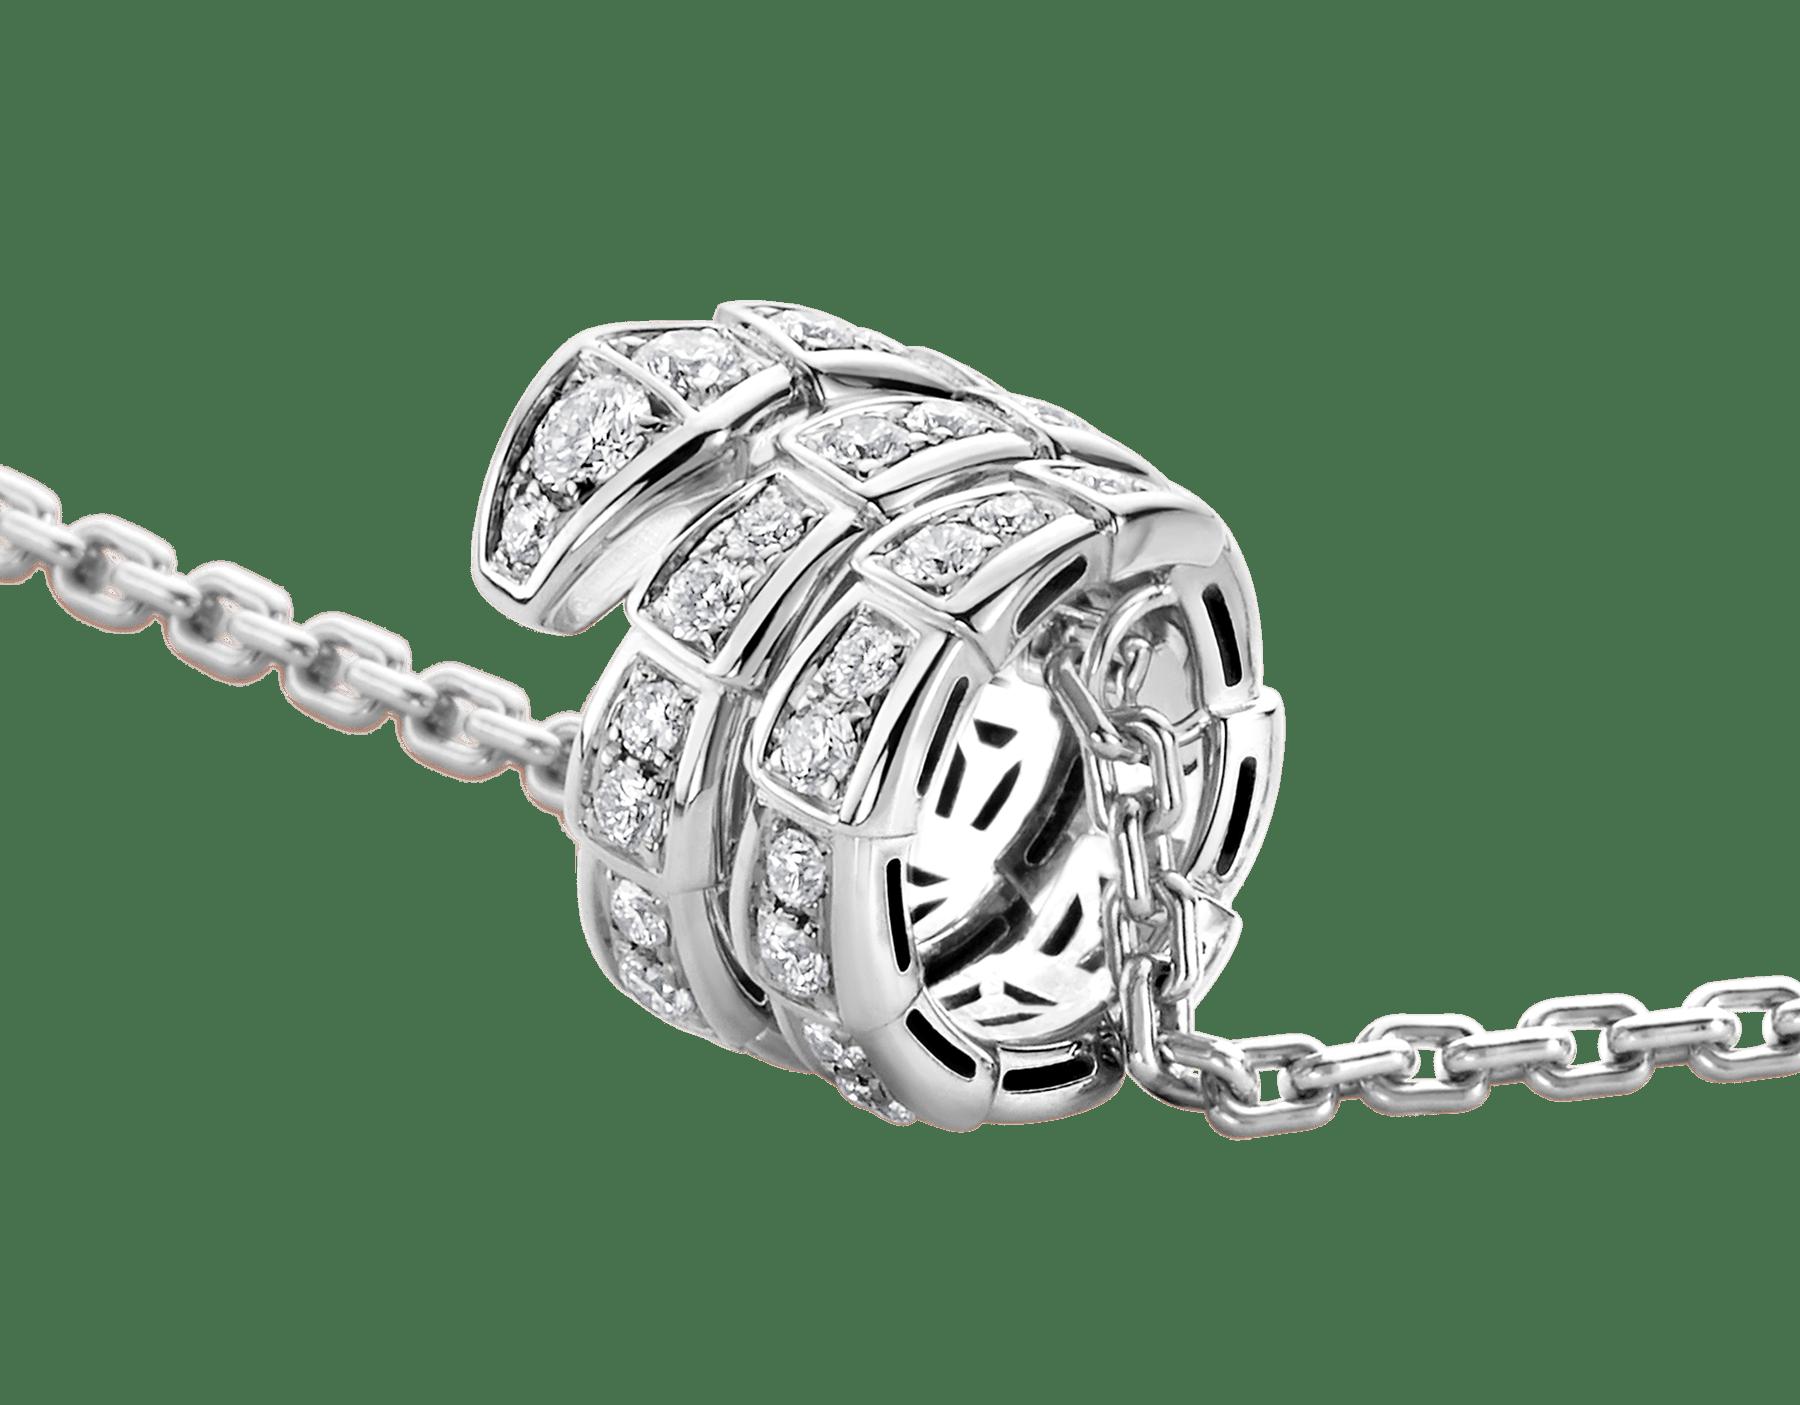 Collana con pendente Serpenti Viper in oro bianco 18 kt con pavé di diamanti. 357796 image 6